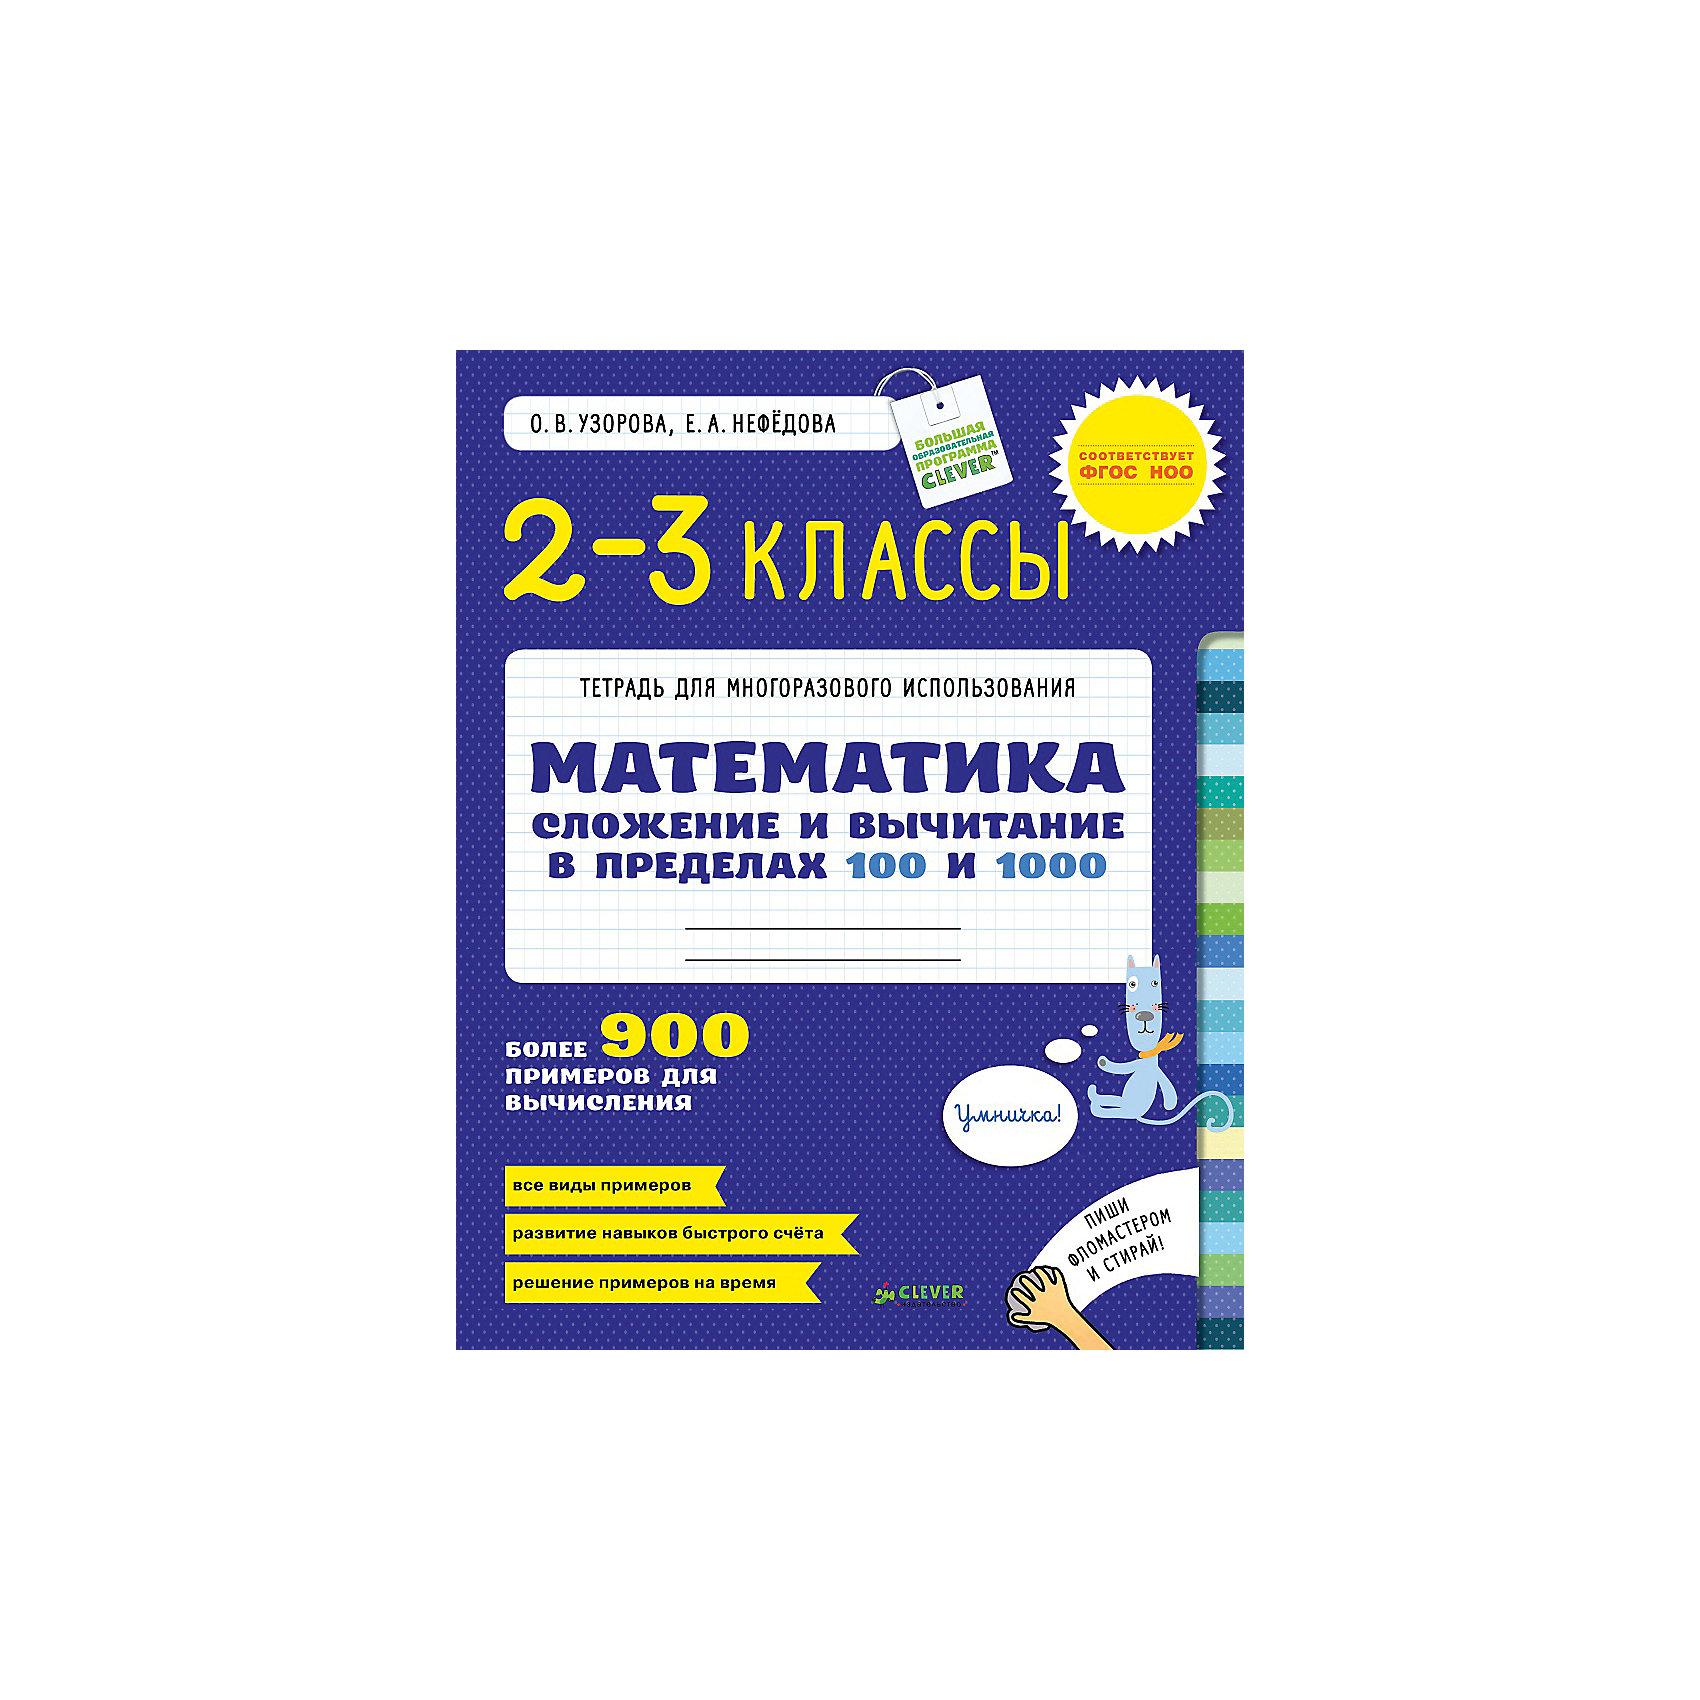 Математика 2-3 класс Сложение и вычитание в пределах 100 и 1000Обучение счету<br>Эта тетрадь - отличное пособие для детей, которые продолжают изучать математику. Осваивать цифры и математические действия не всегда легко. Сделать это занятие интересным и легким поможет данная тетрадь. Здесь собраны задания, специально сформулированные для школьников этого возраста. Также есть странички для разгрузки - например, такие, где можно раскрашивать картинки. <br>В тетради знаменитые педагоги О.Узорова и Е.Нефёдова с помощью своей помогают детям отработать нужные навыки до автоматизма с помощью выполнения заданий на время. Тетрадь - многоразовая. В ней можно стереть написанное и использовать снова!<br><br>Дополнительная информация:<br><br>размер: 21 x 27 см;<br>страниц: 16;<br>ламинированные страницы.<br><br>Математика 2-3 класс Сложение и вычитание в пределах 100 и 1000 можно купить в нашем интернет-магазине.<br><br>Ширина мм: 270<br>Глубина мм: 210<br>Высота мм: 3<br>Вес г: 98<br>Возраст от месяцев: 84<br>Возраст до месяцев: 132<br>Пол: Унисекс<br>Возраст: Детский<br>SKU: 4976248